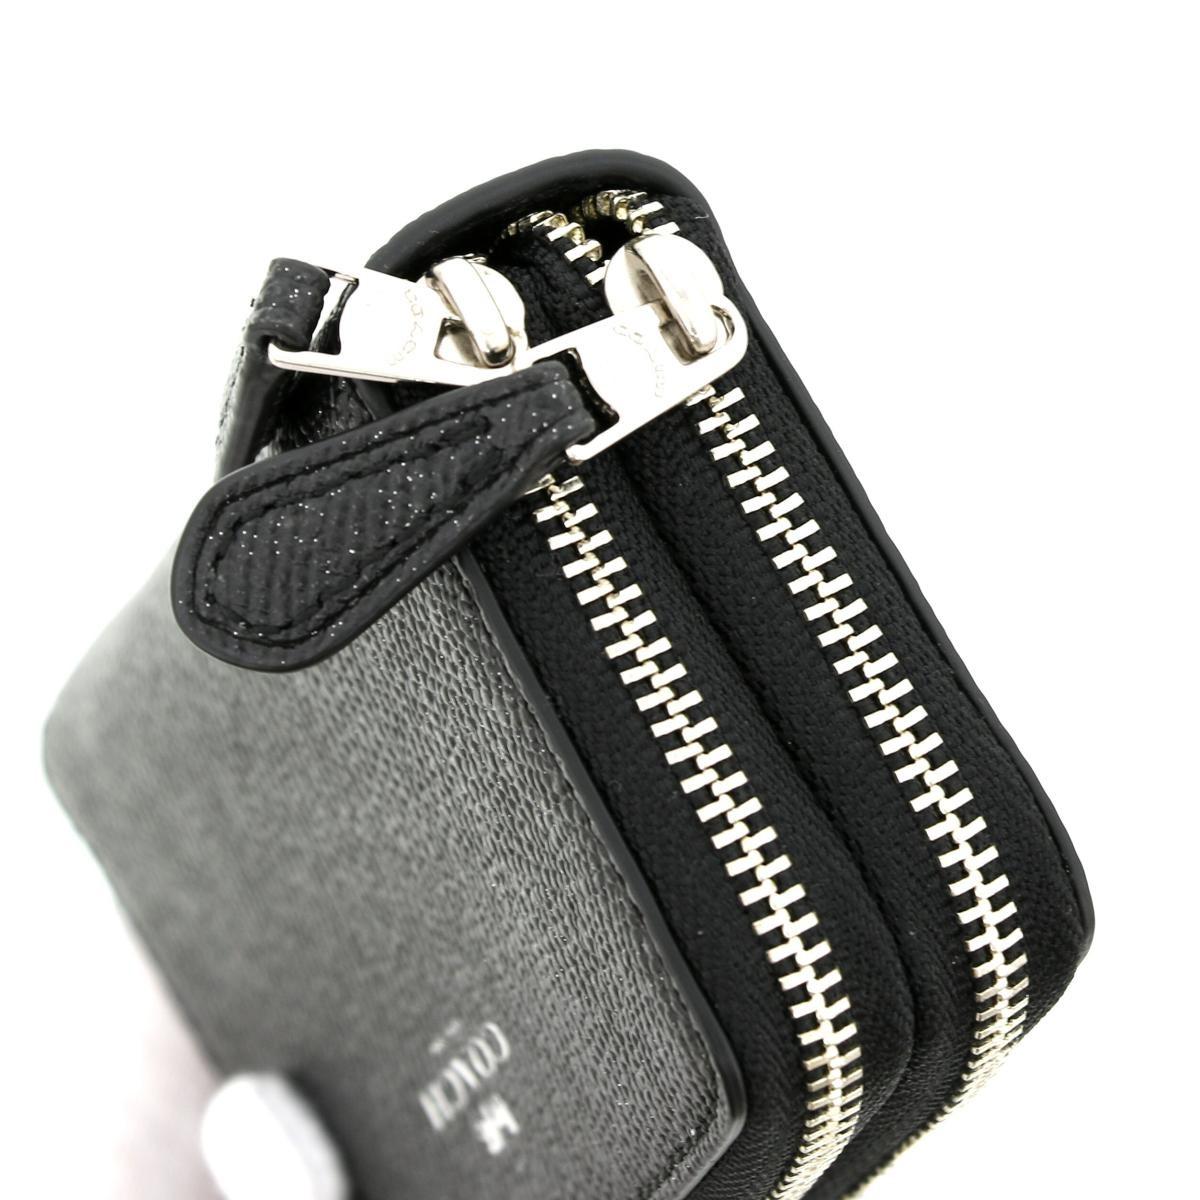 【美品】【中古】COACH コーチ グリッター クロスグレーン コインケース 財布 小銭入れ/コインケース Coin Case Black/ブラック F15153 unused:S